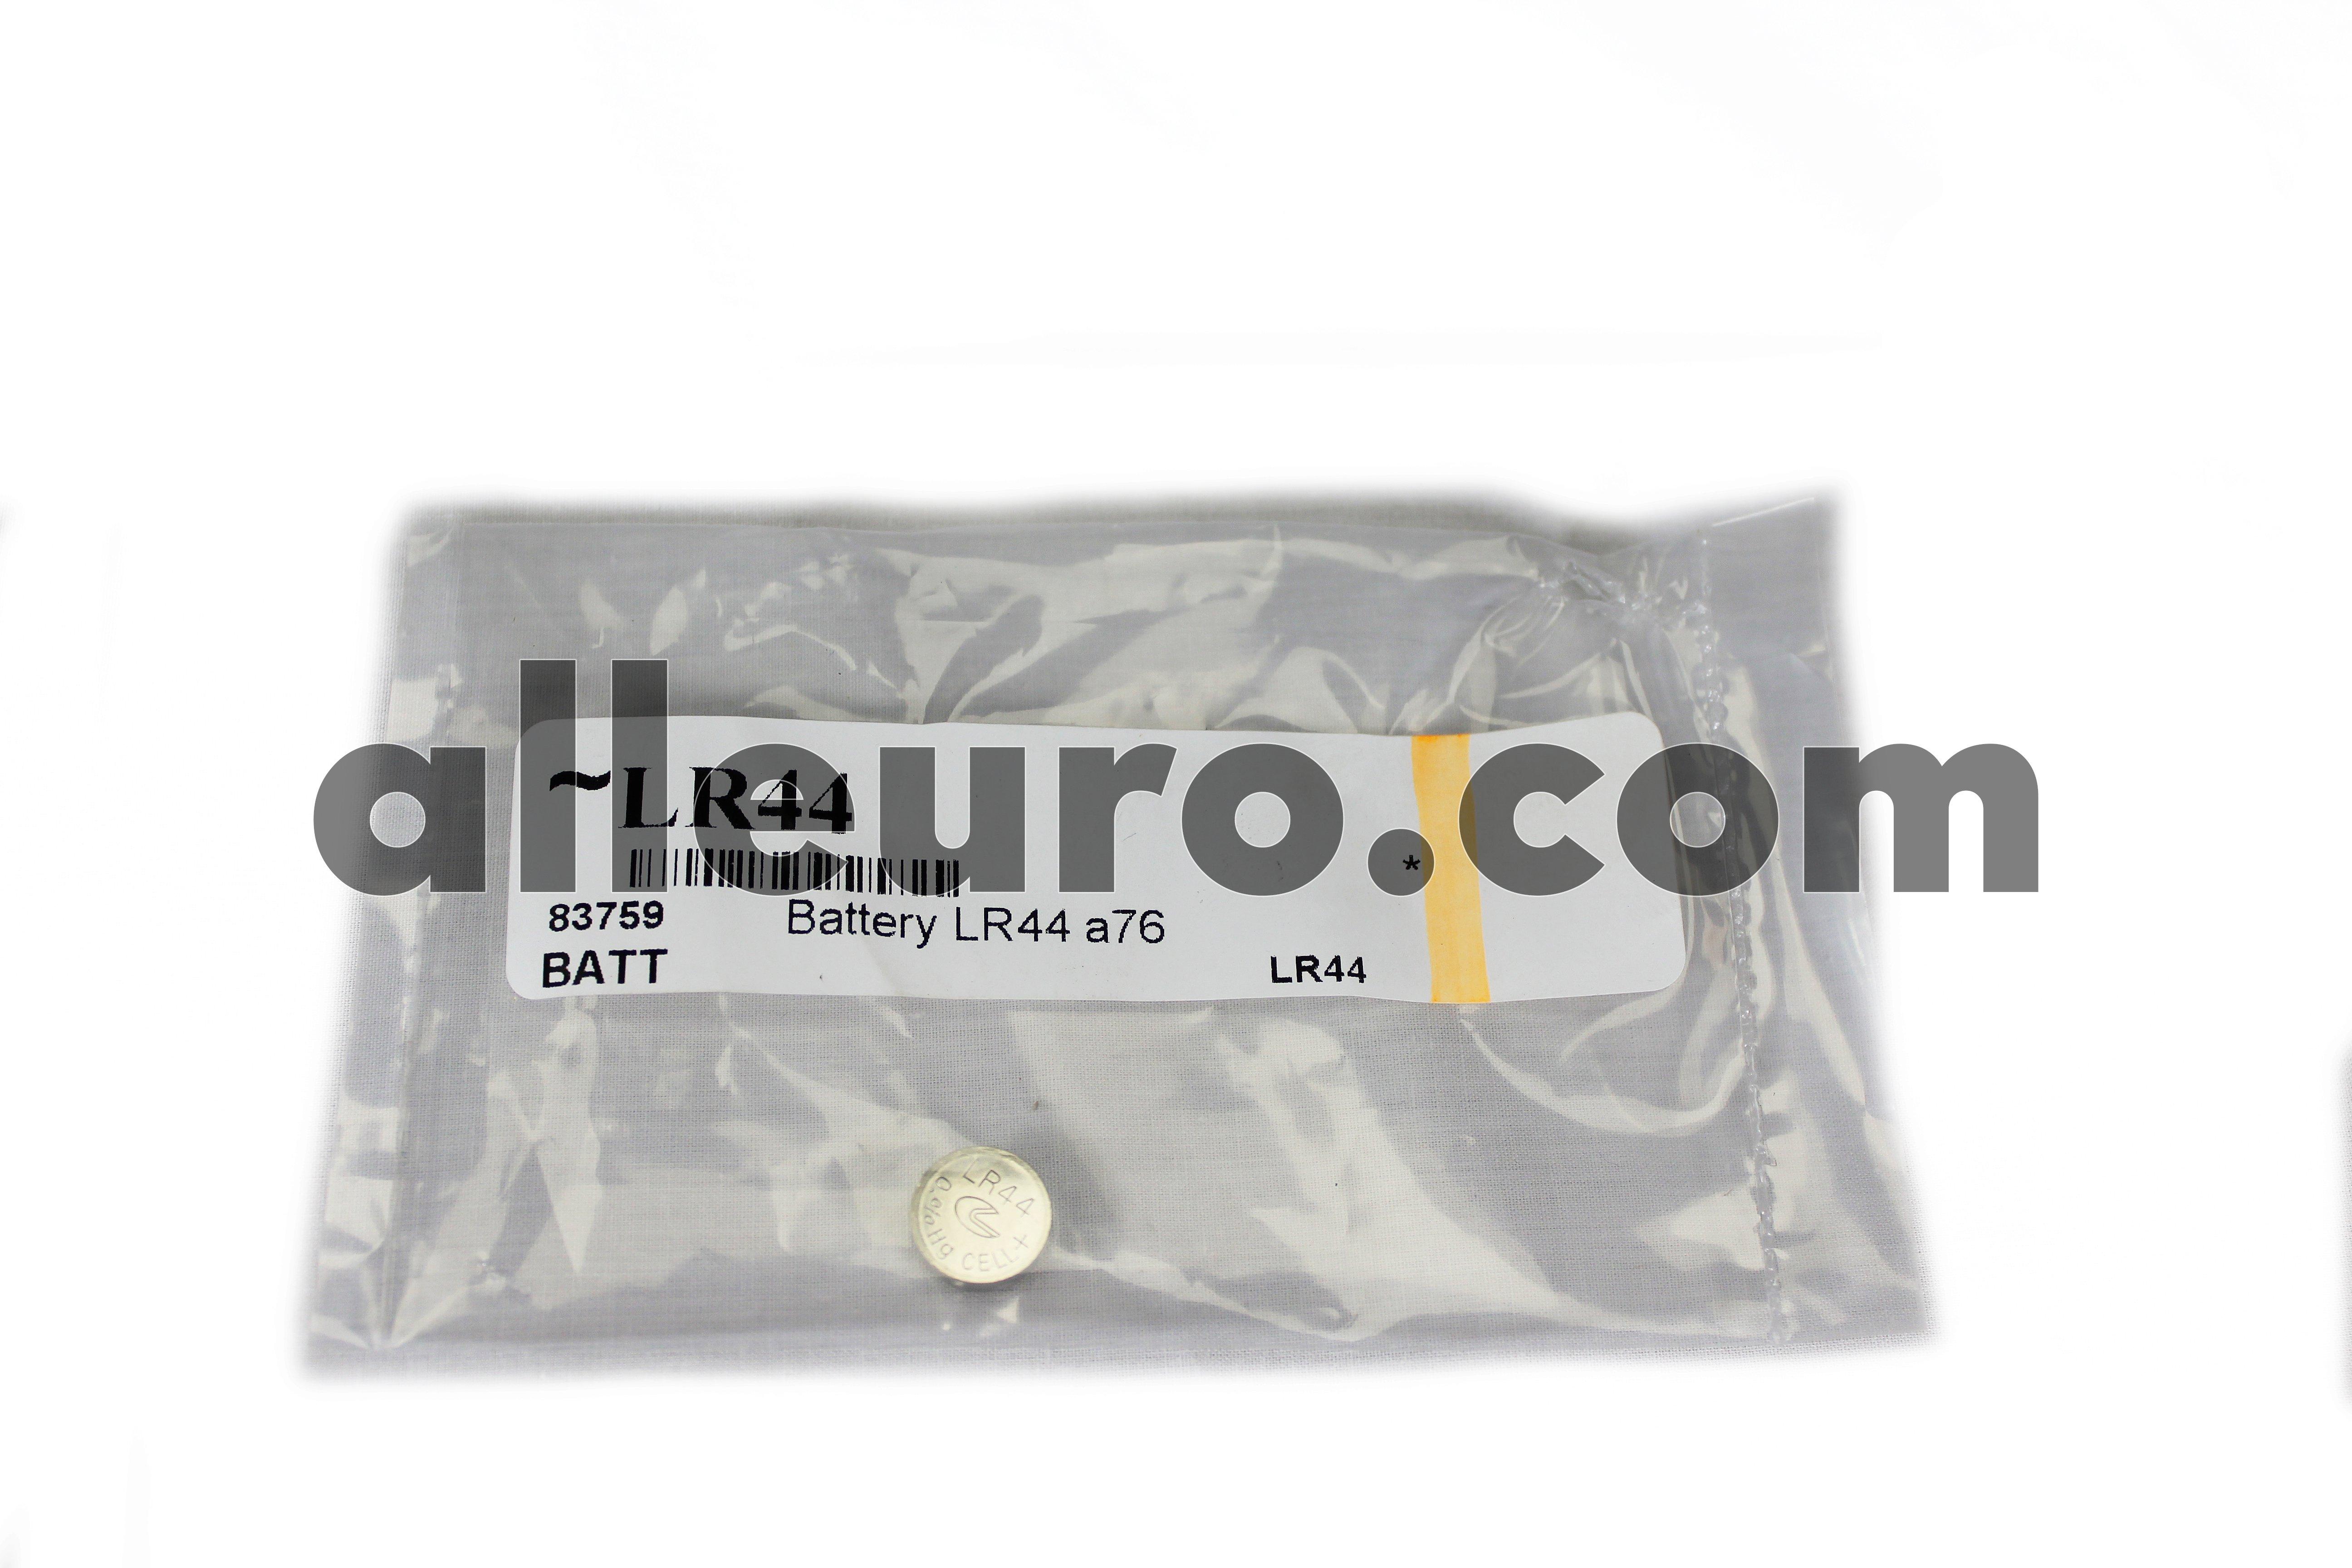 Battery Battery LR44 - Key Remote Fob Battery LR44 a76 1.5v